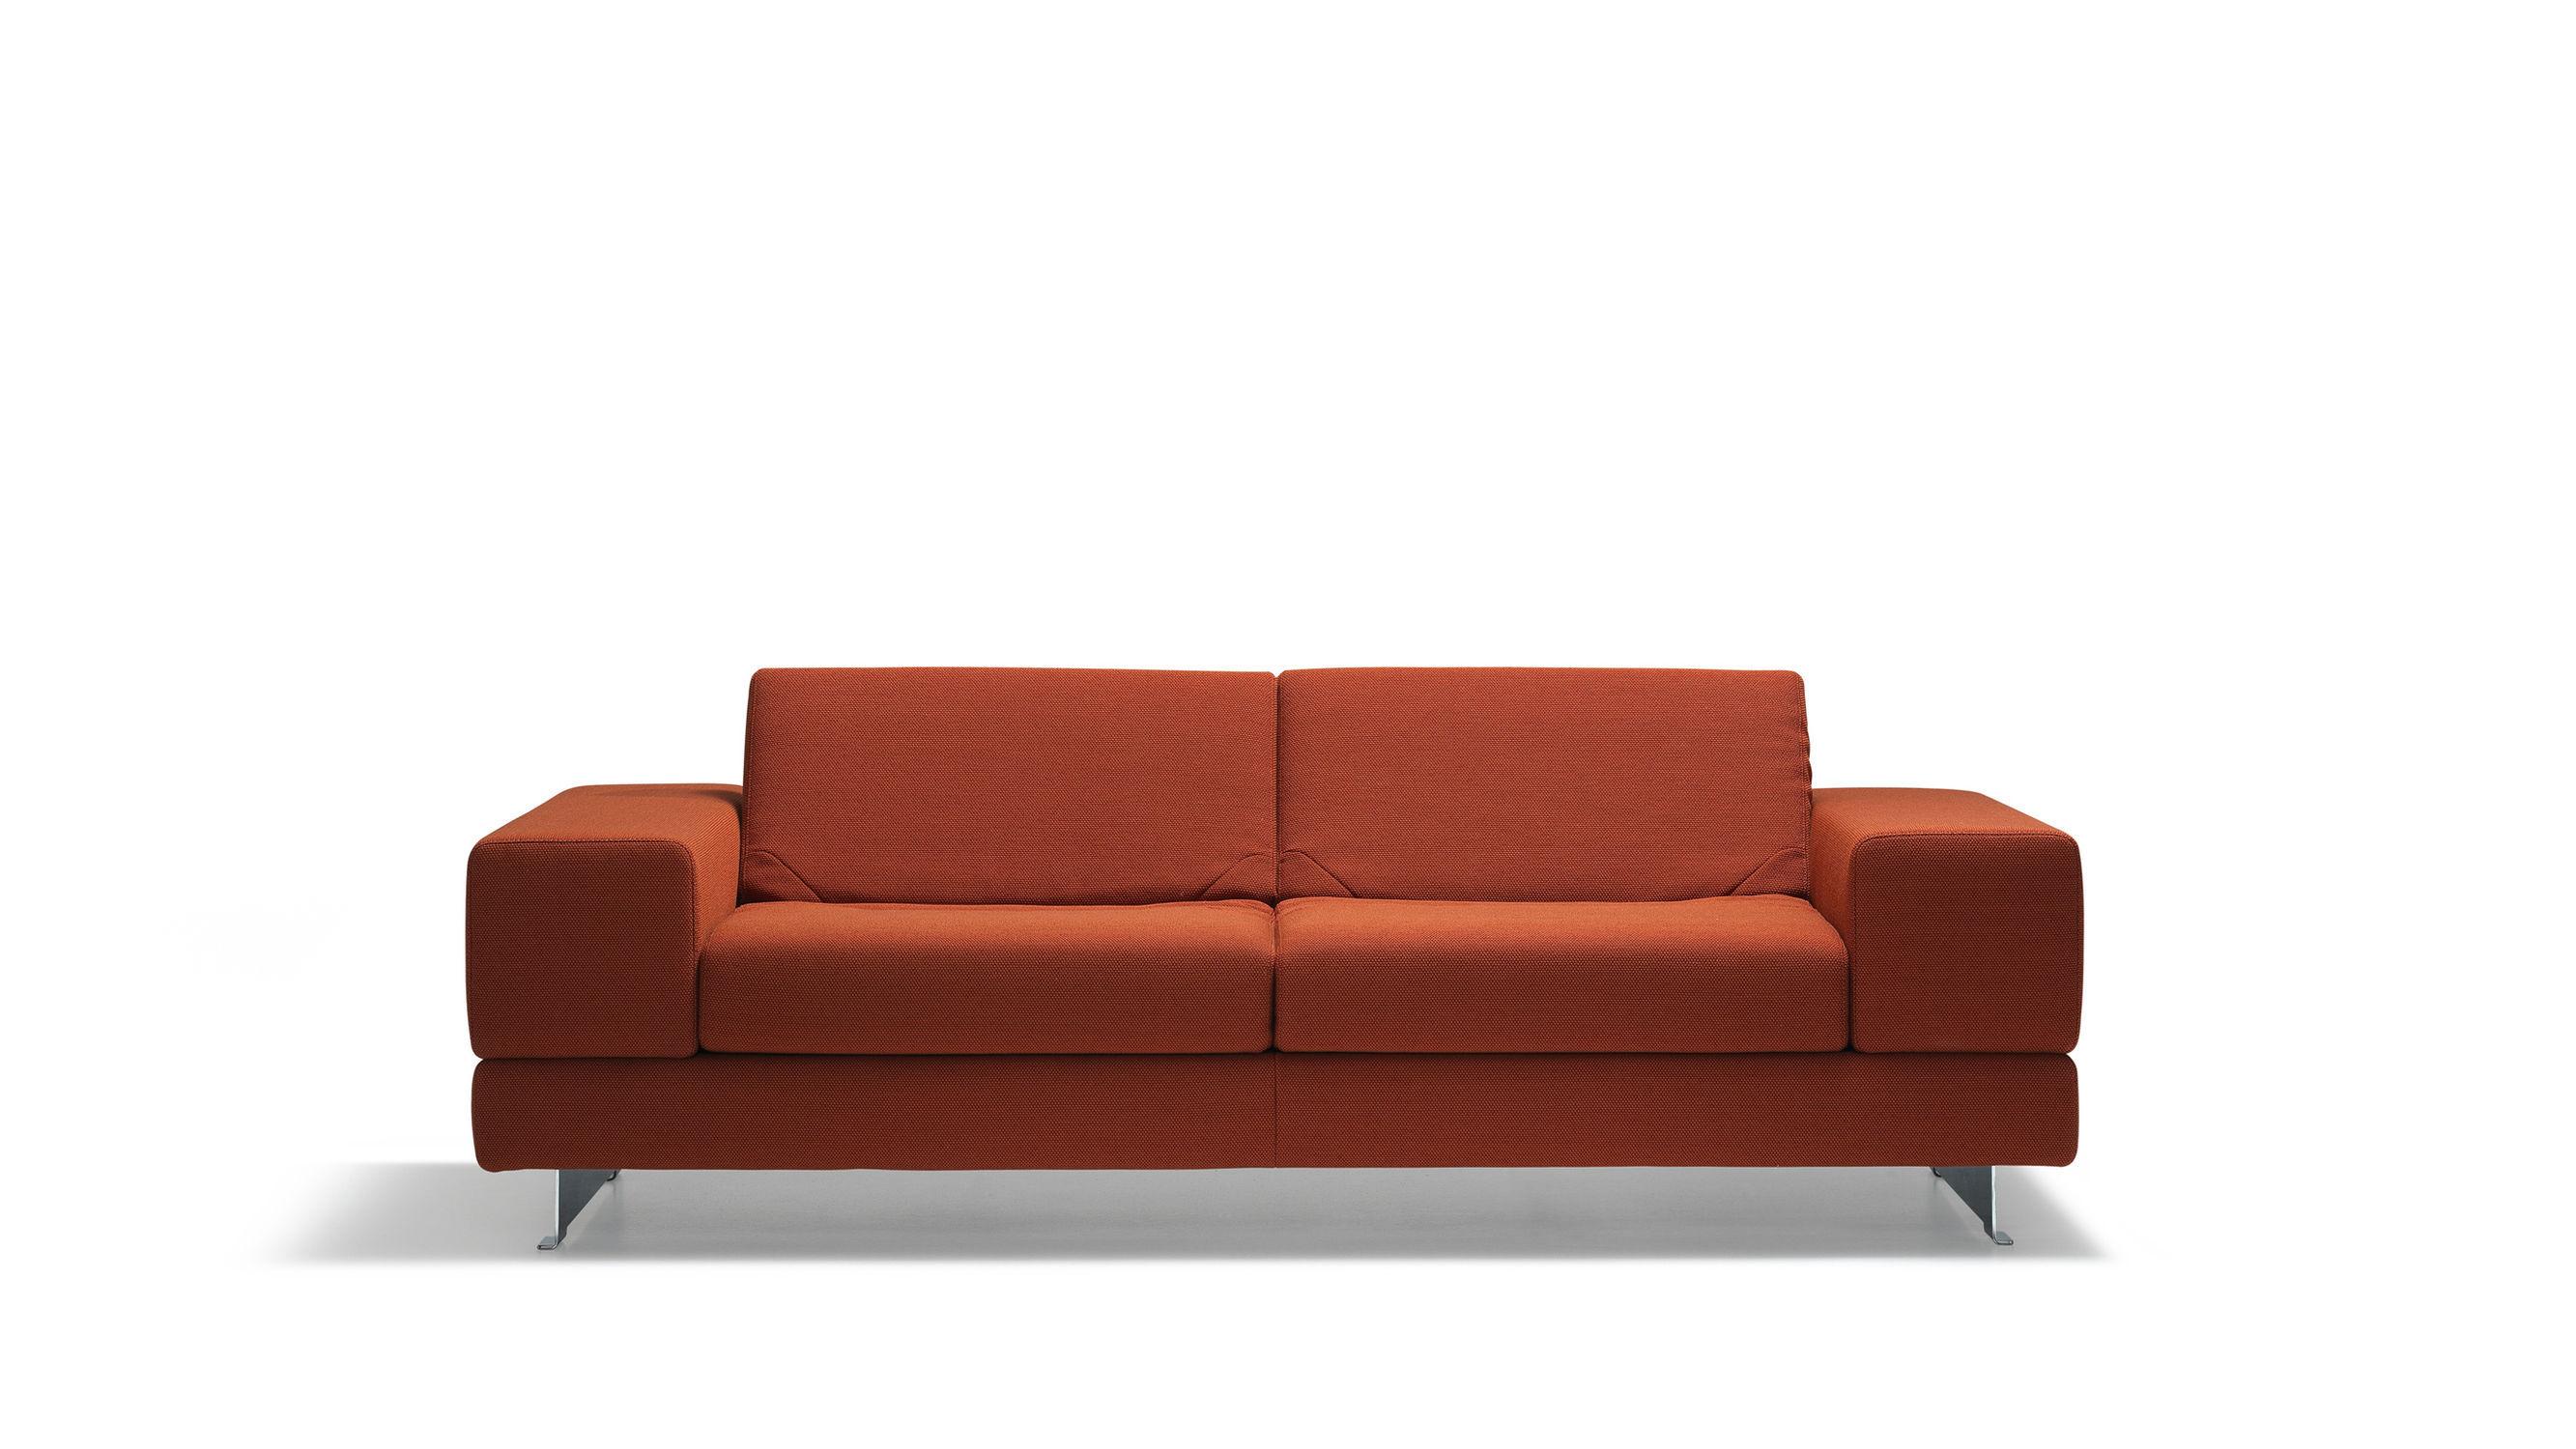 Sofa Mit Rckenlehne Stunning Er Sofa Aus Wolle Mit Hoher Rckenlehne